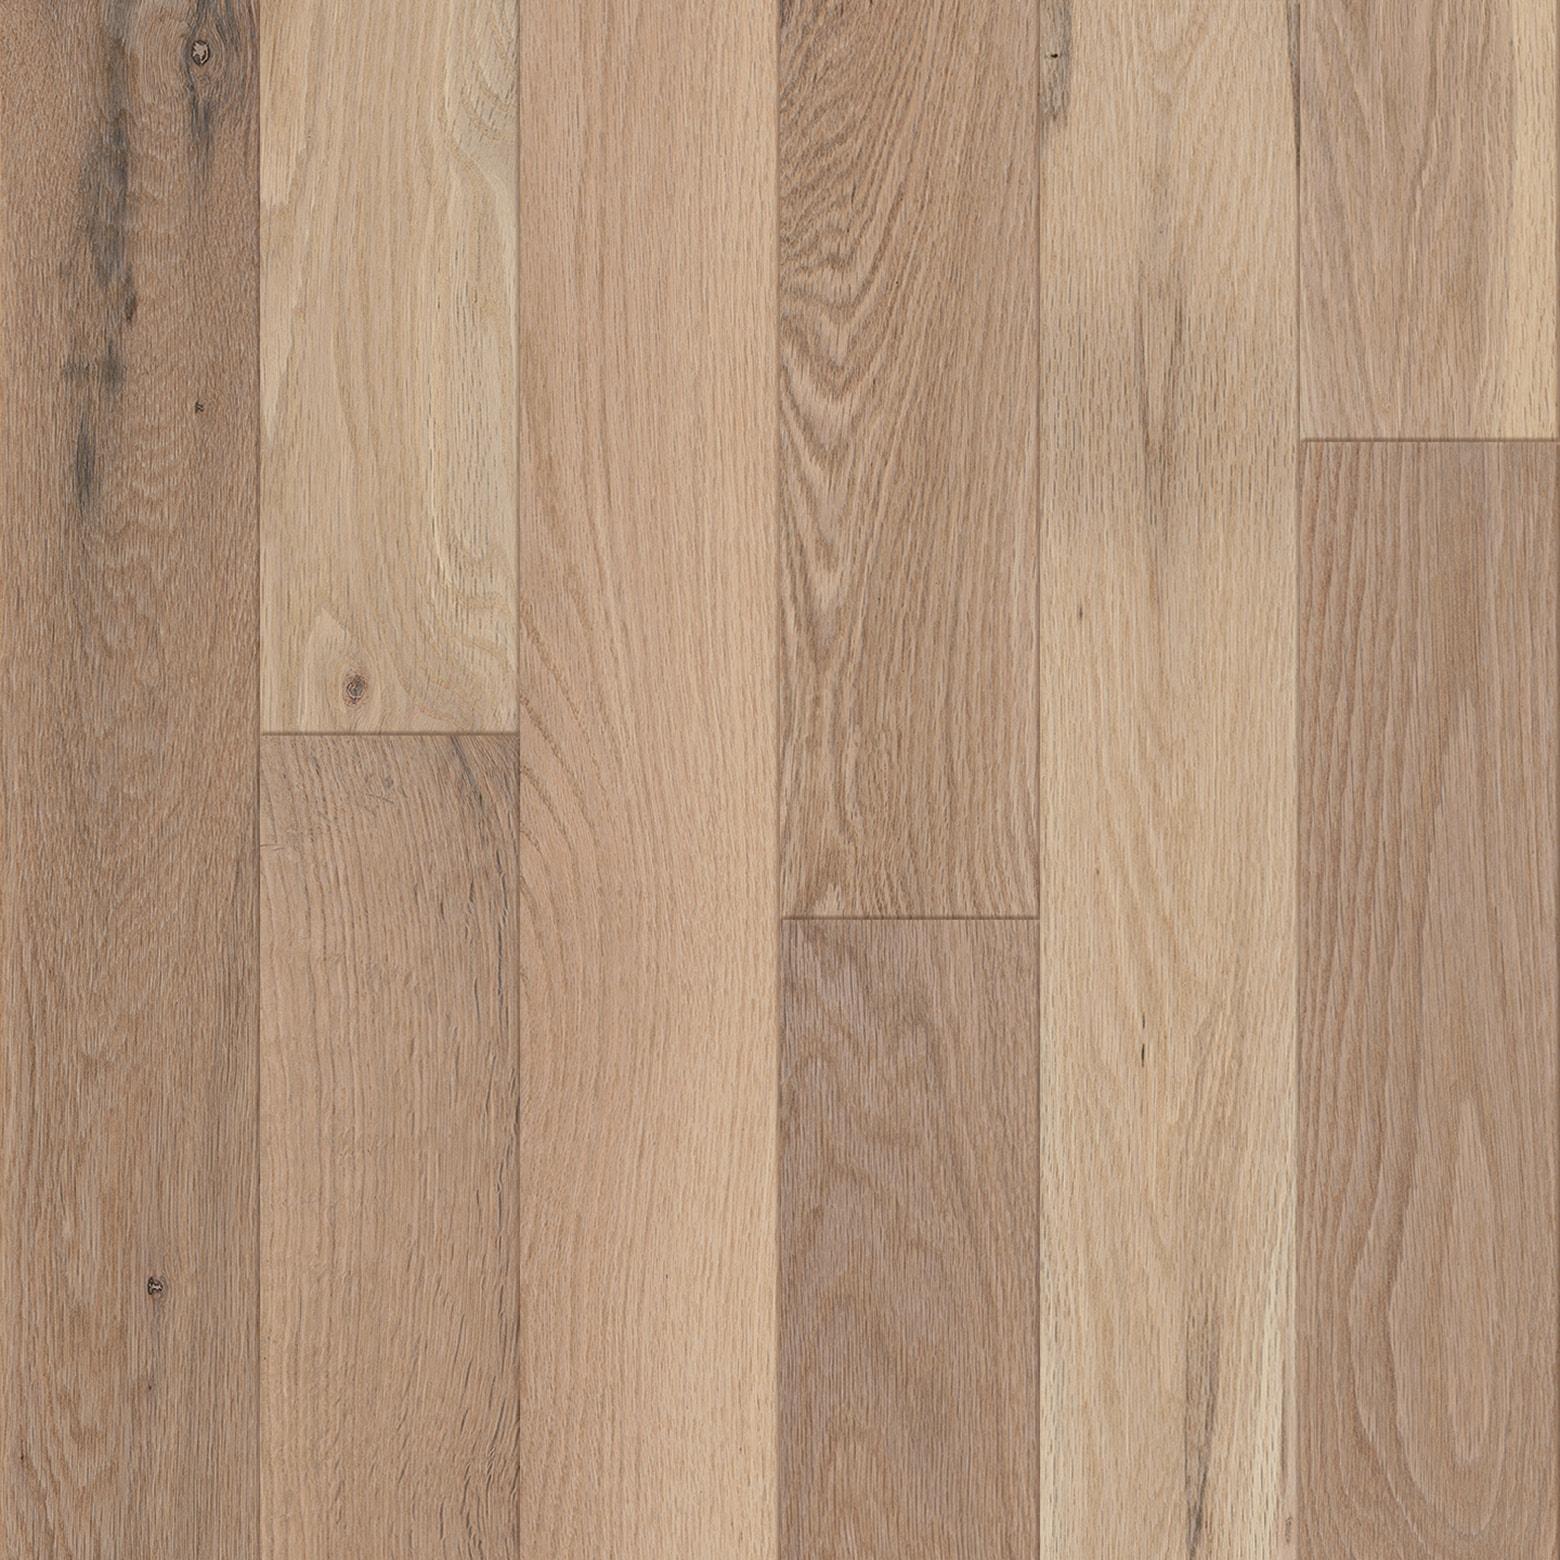 Inviting warmth hardwood floor